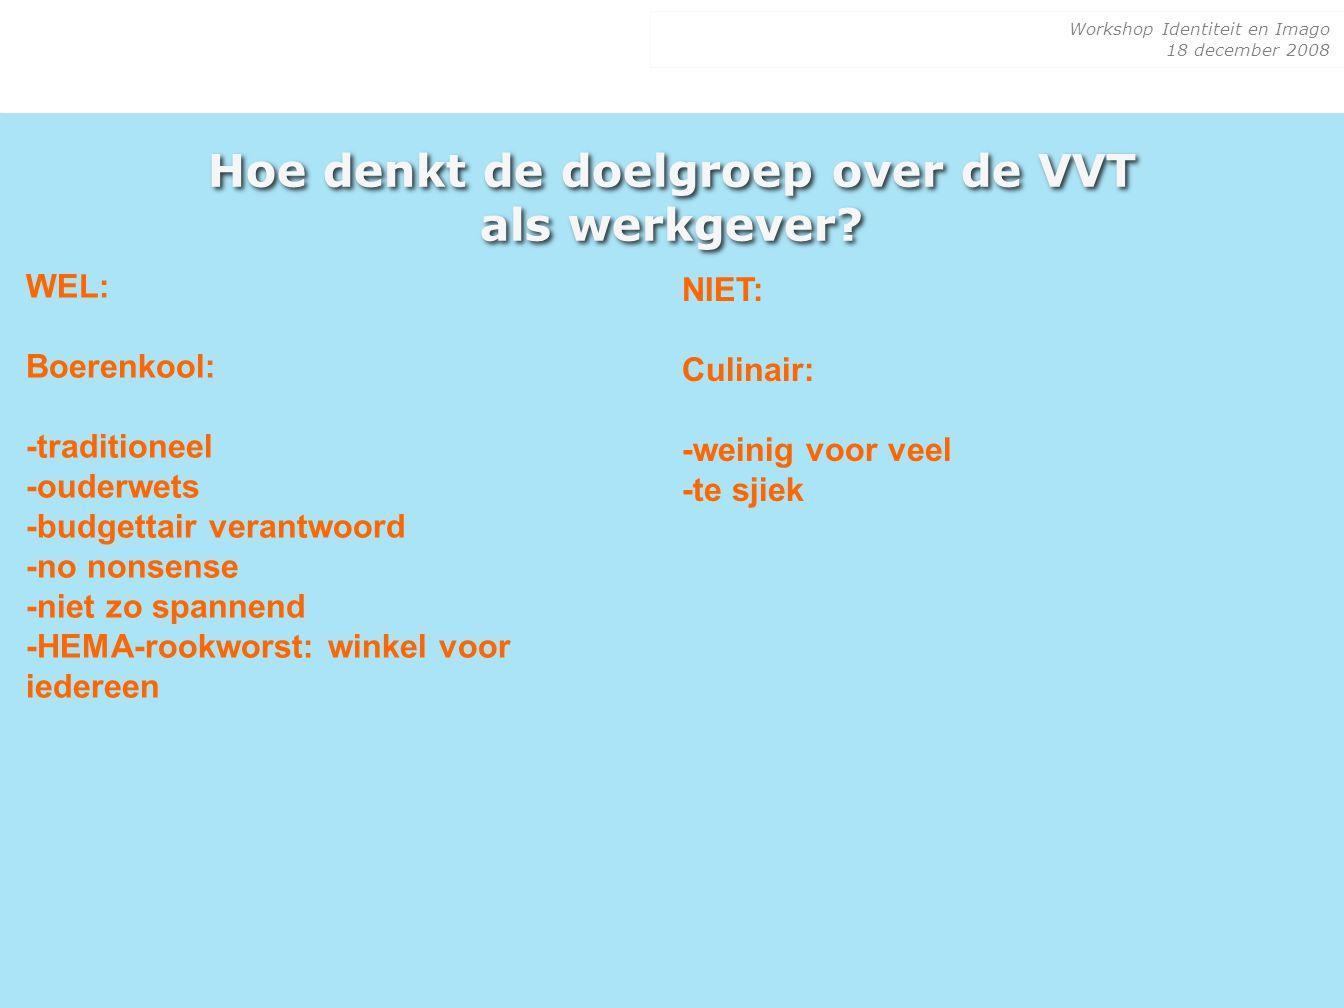 Workshop Identiteit en Imago 18 december 2008 Hoe denkt de doelgroep over de VVT als werkgever? WEL: Boerenkool: -traditioneel -ouderwets -budgettair